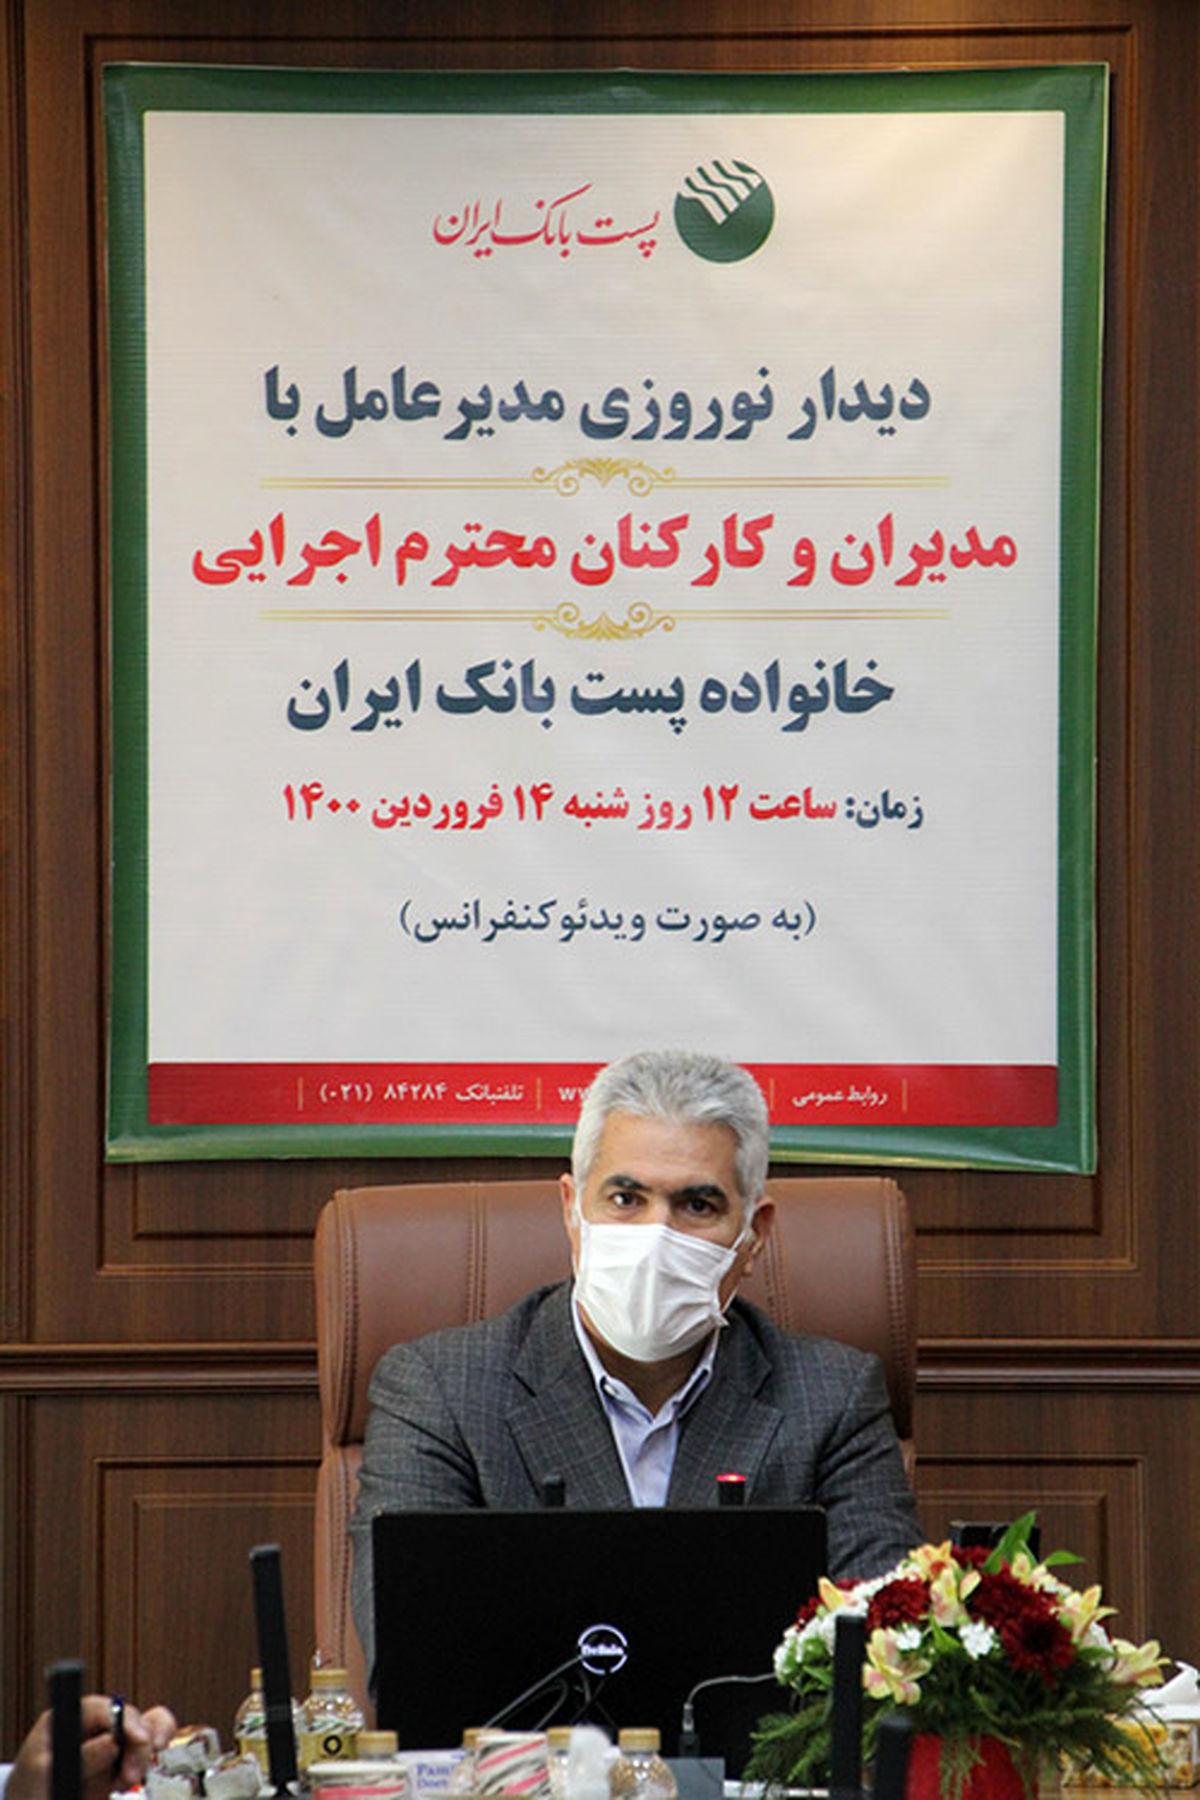 توسعه اقتصاد دیجیتال اولویت پست بانک ایران در سال 1400 است